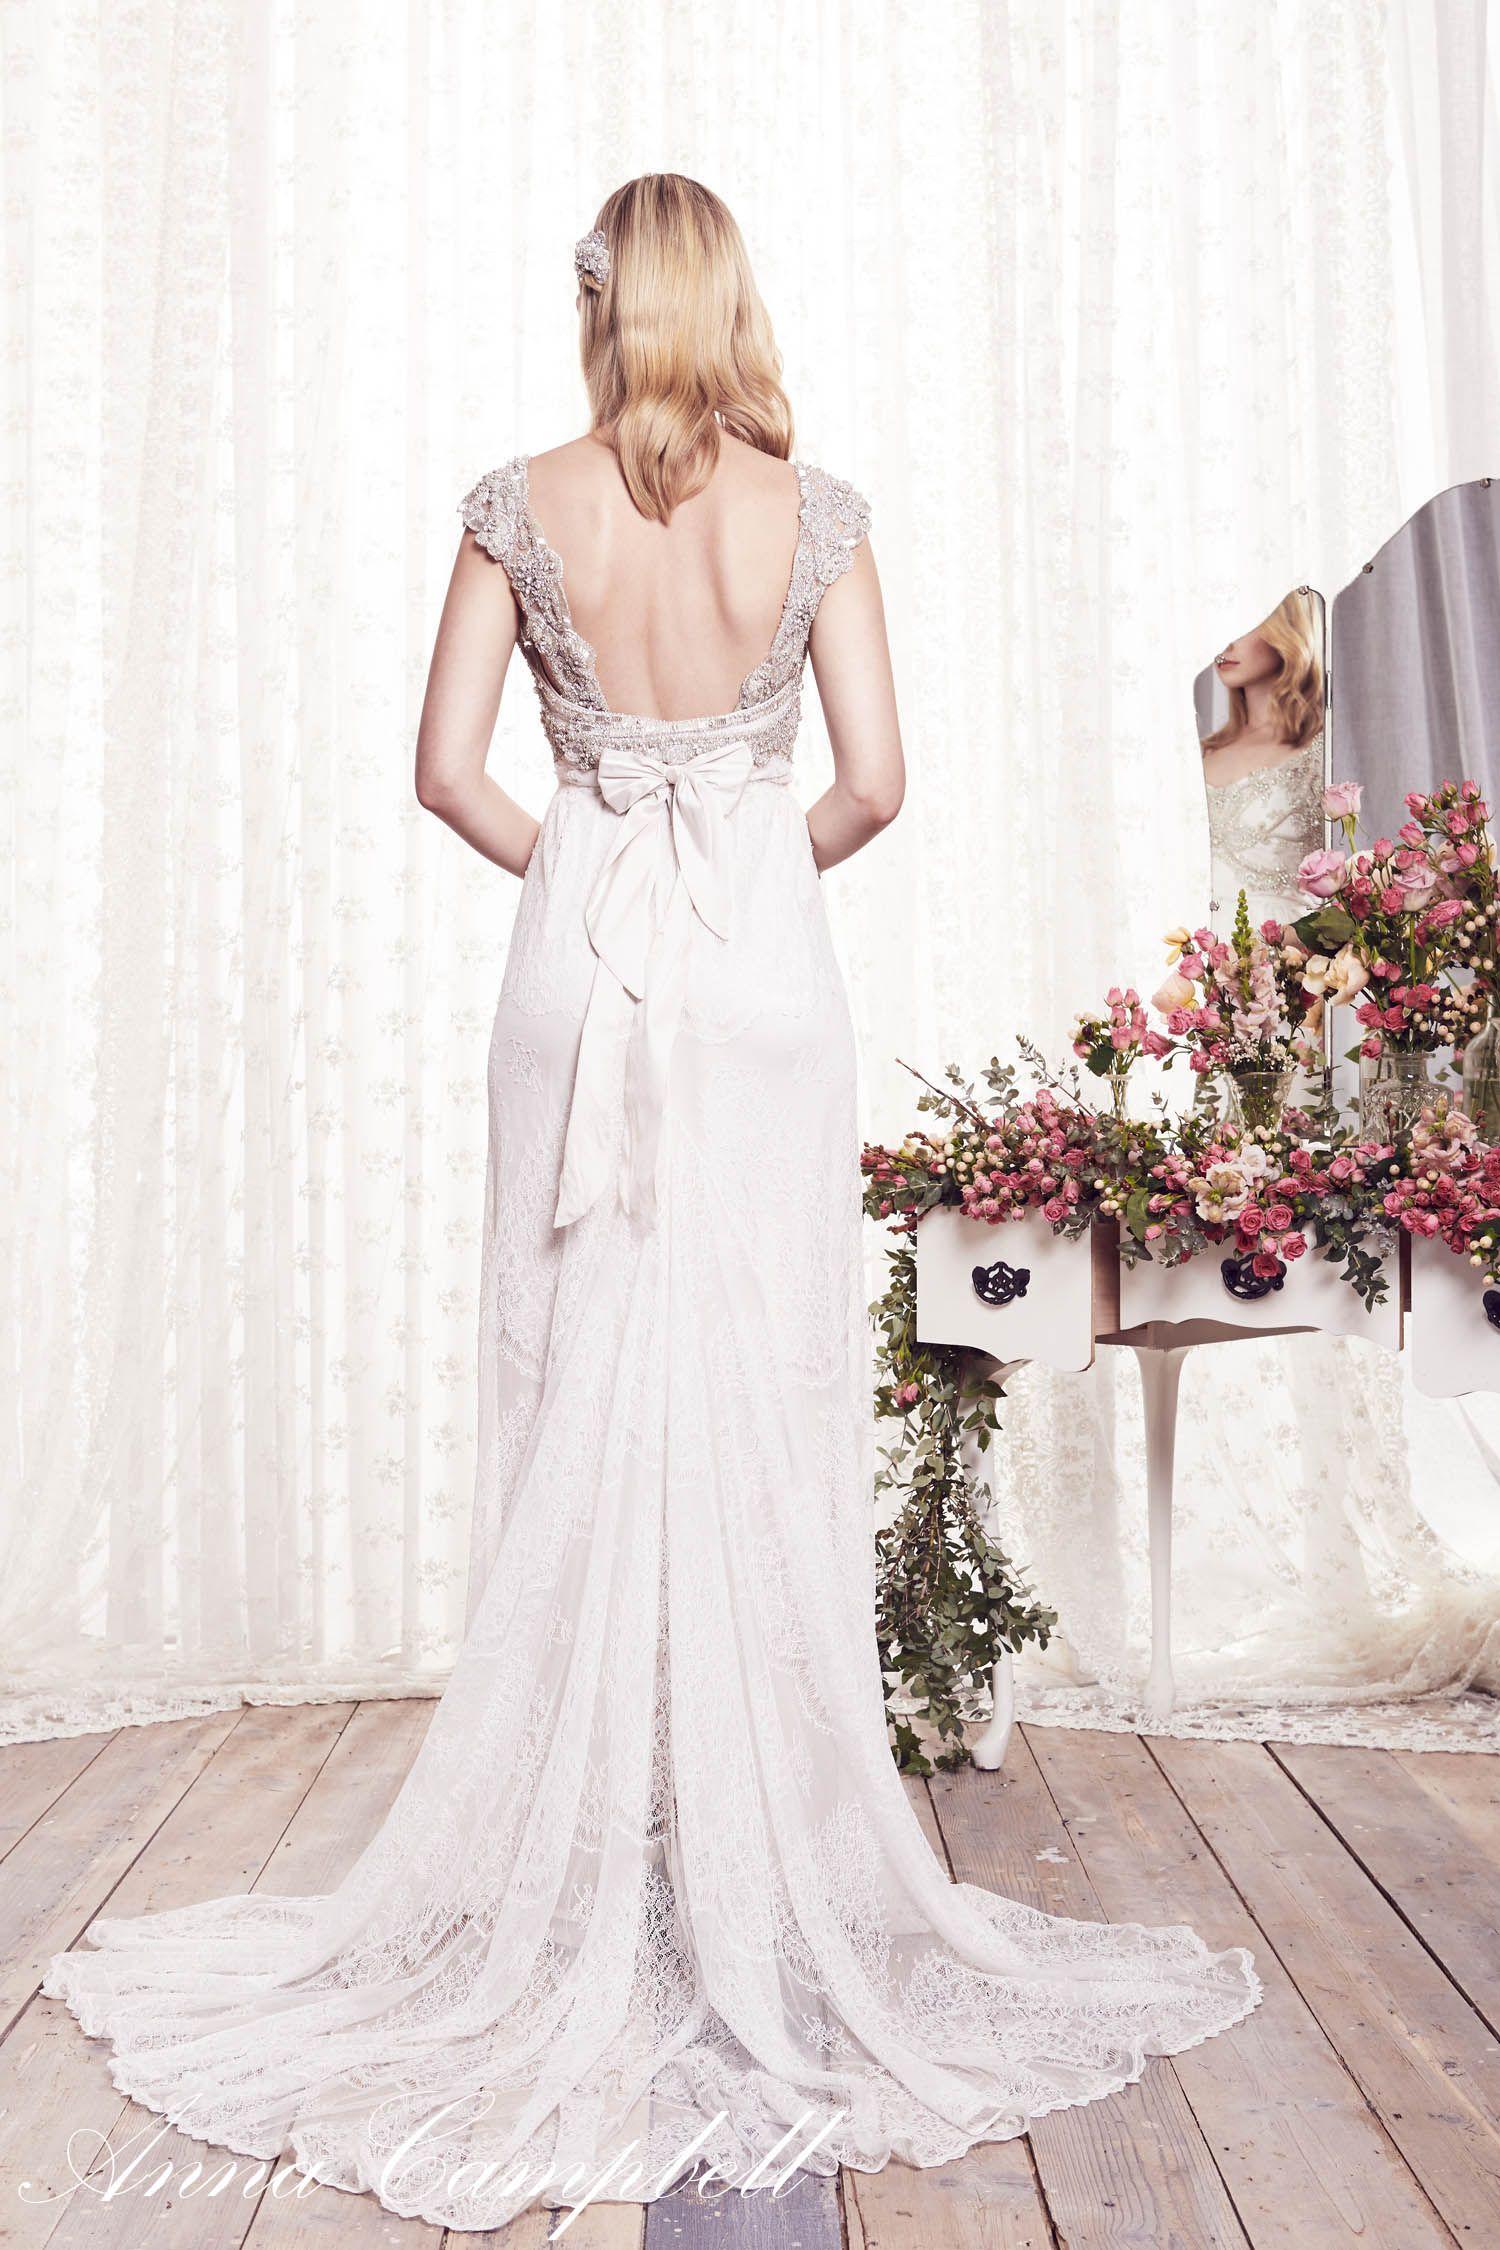 Catherine Deane Tallulah, $1,250 Size: 8 | Used Wedding ... |Tallulah Wedding Dress